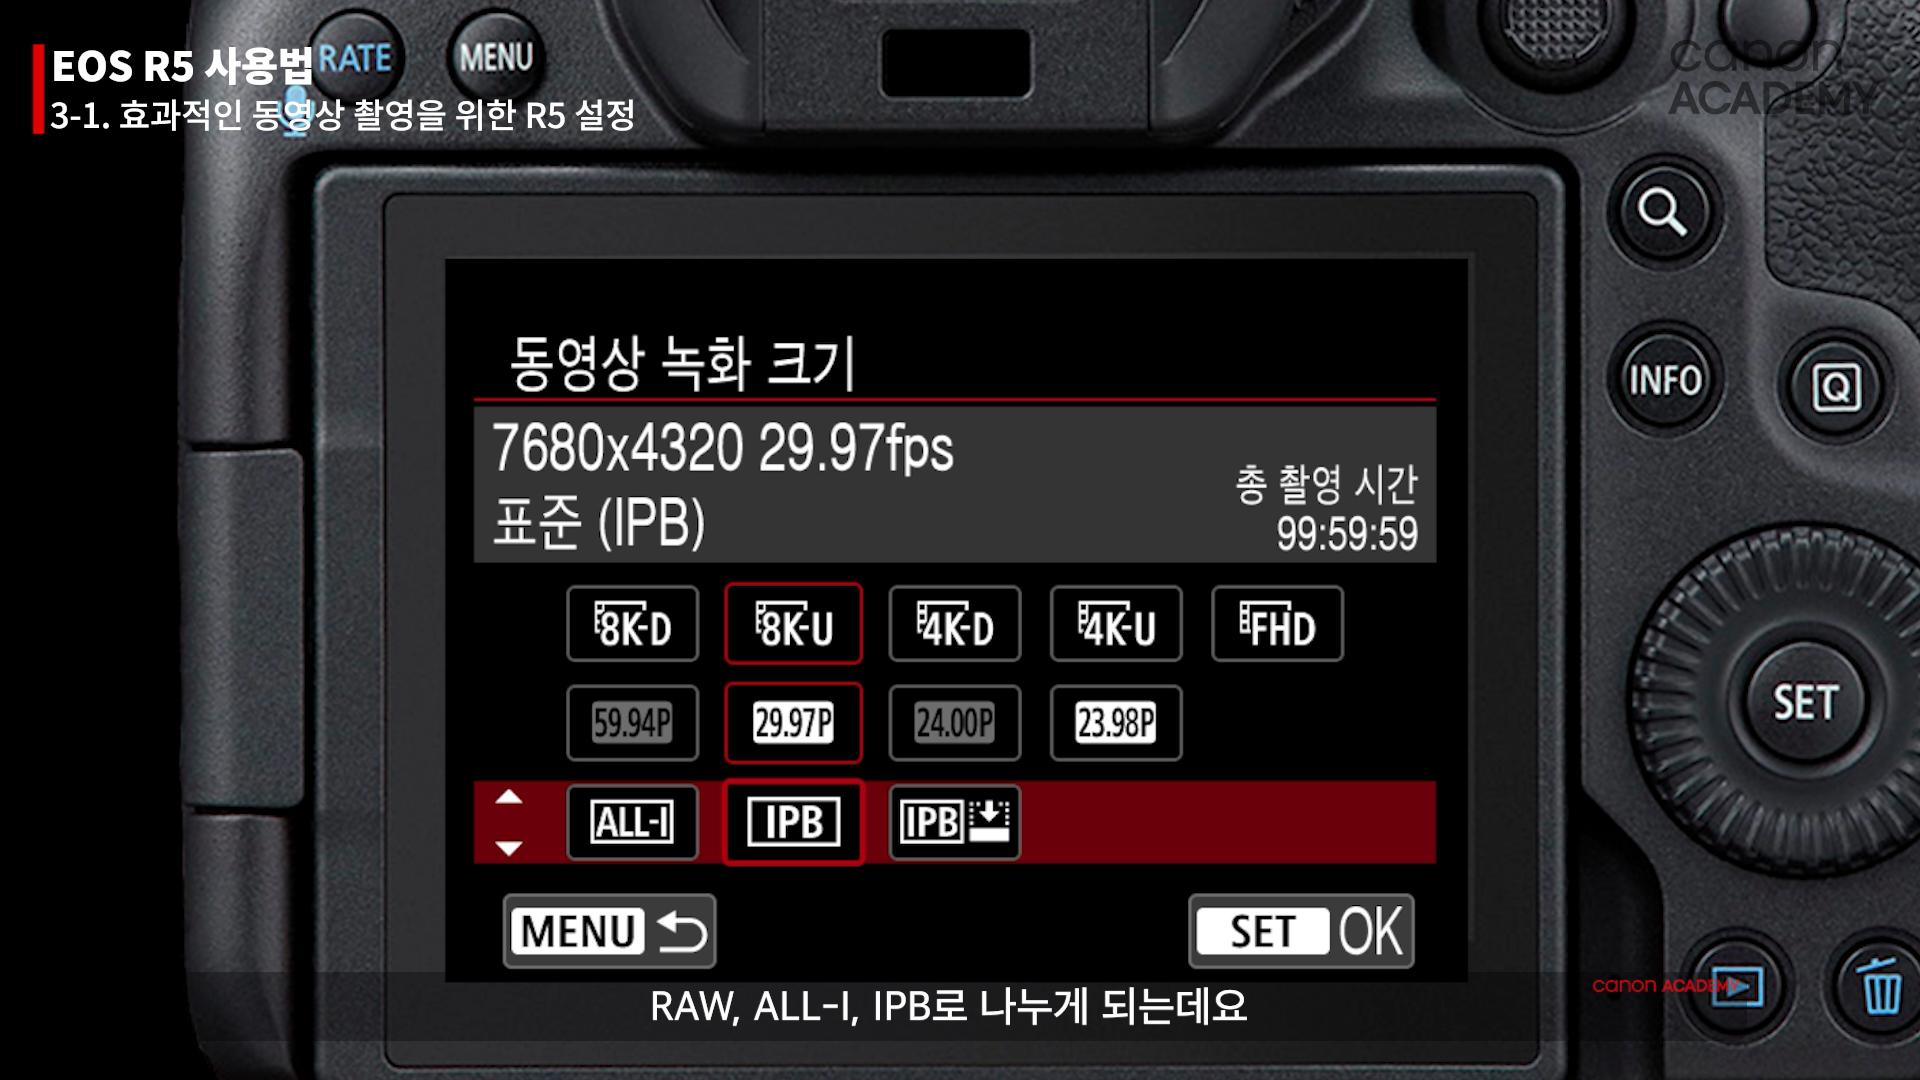 캐논, 캐논카메라, EOS R5, R5, 카메라사용법, R5 사용법, 캐논아카데미, 사진강의